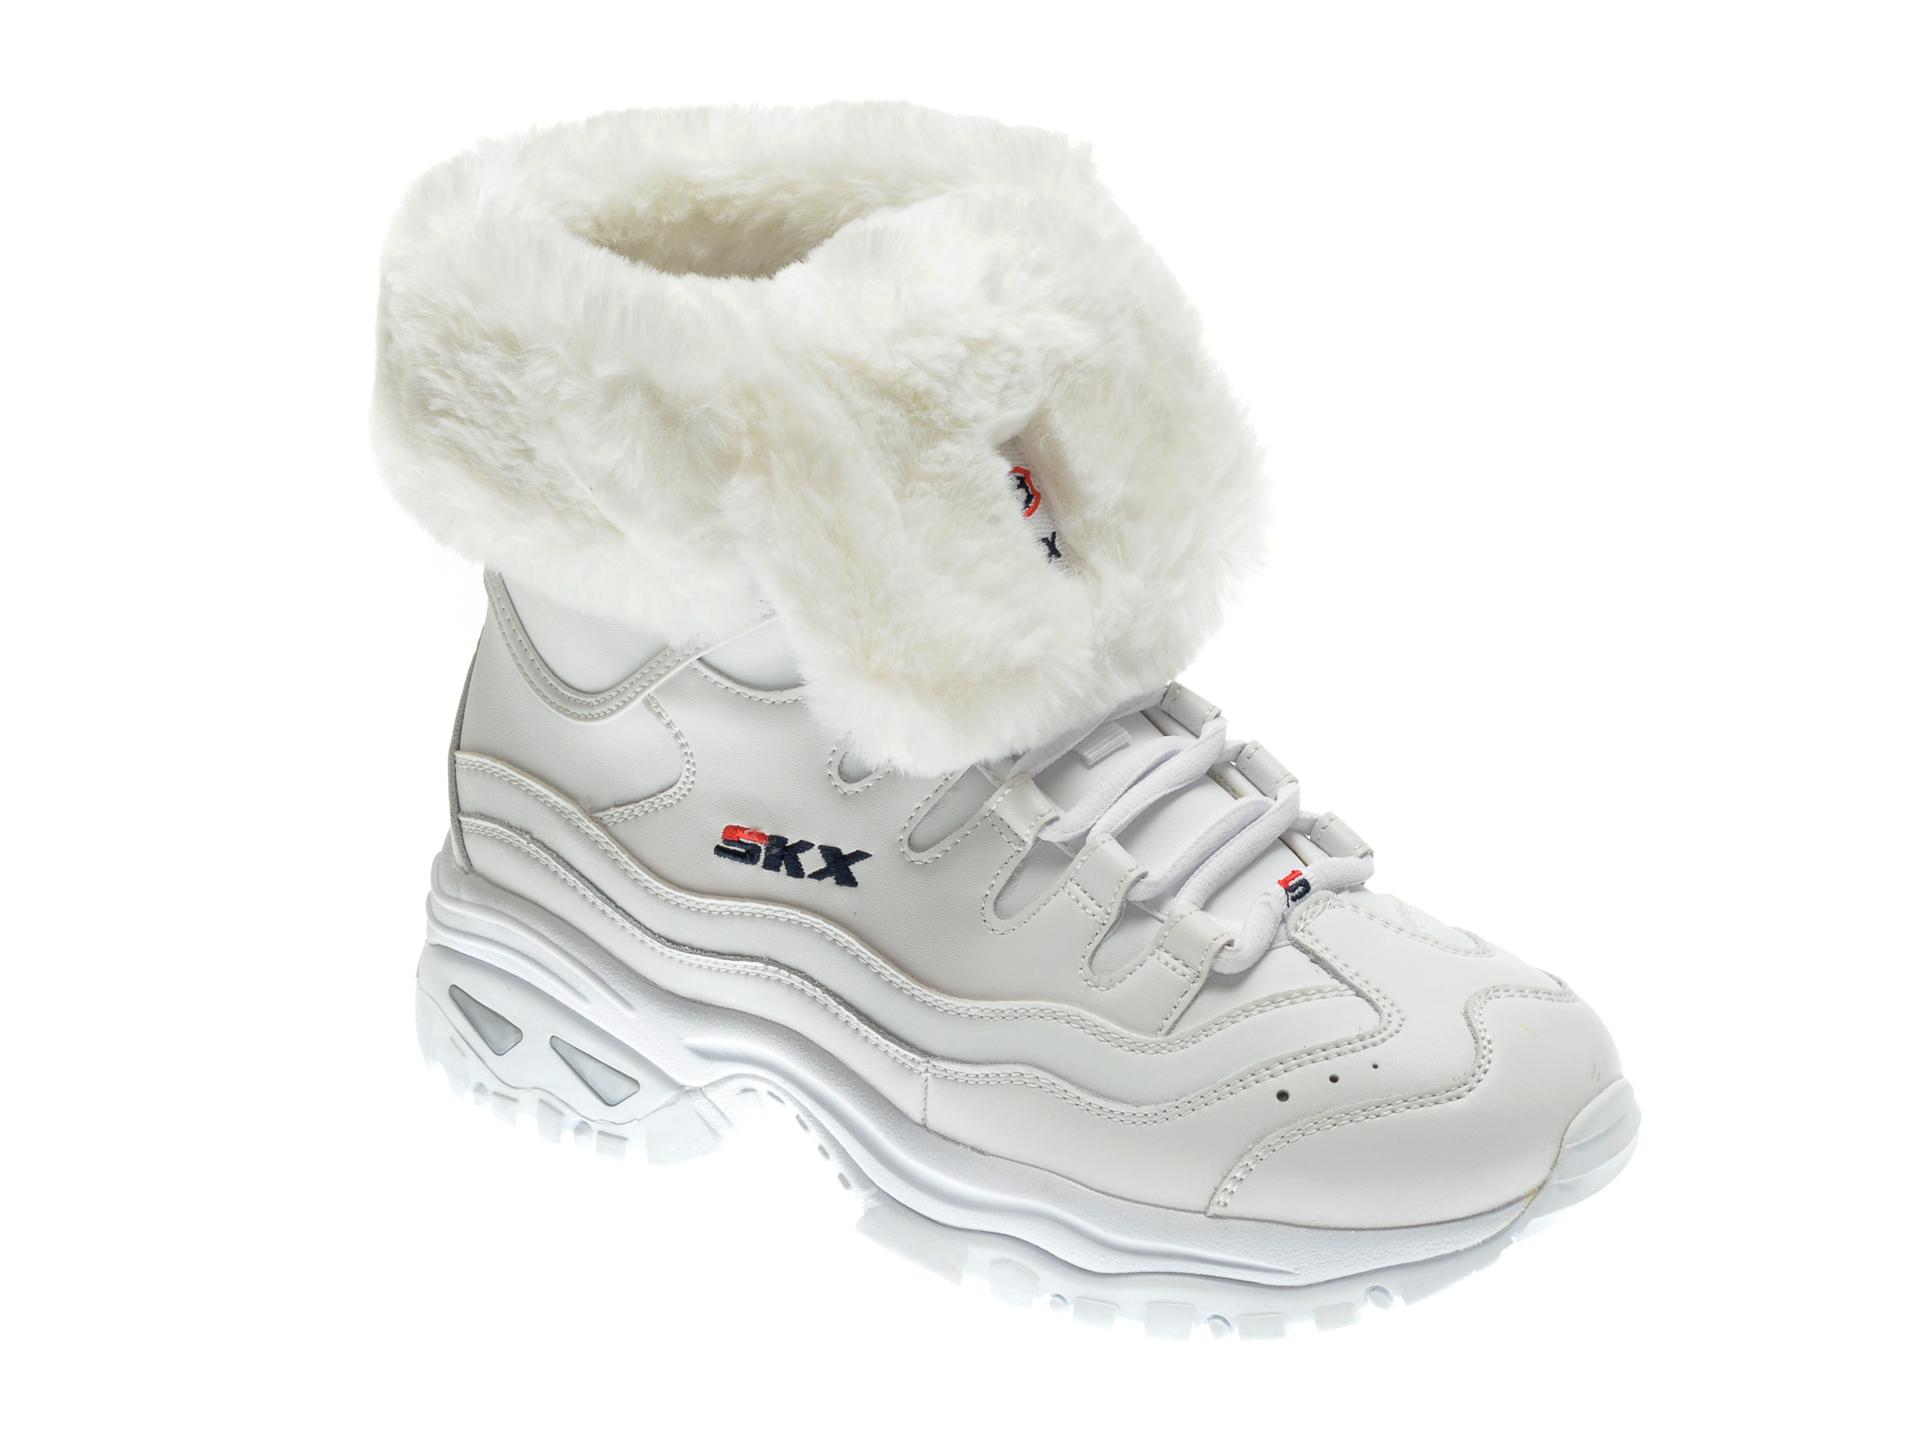 Ghete SKECHERS albe, ENERGY COOL DOWN, din piele naturala imagine otter.ro